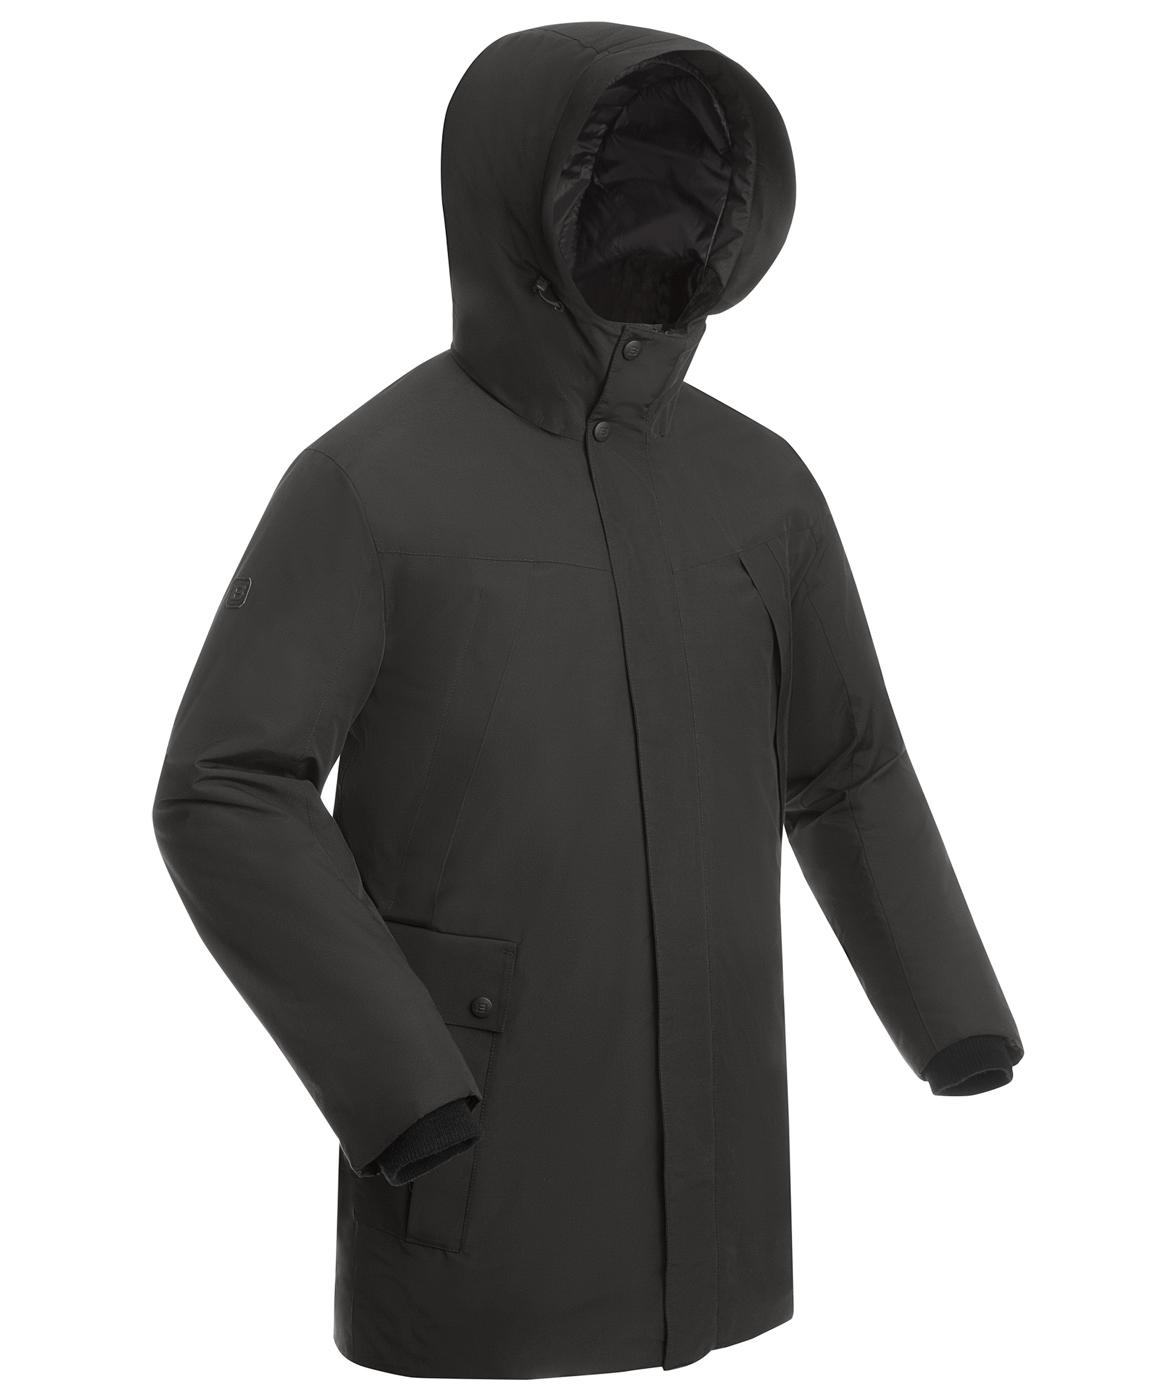 Купить Пальто утепленное мужское BASK MARS серый тмн, Компания БАСК